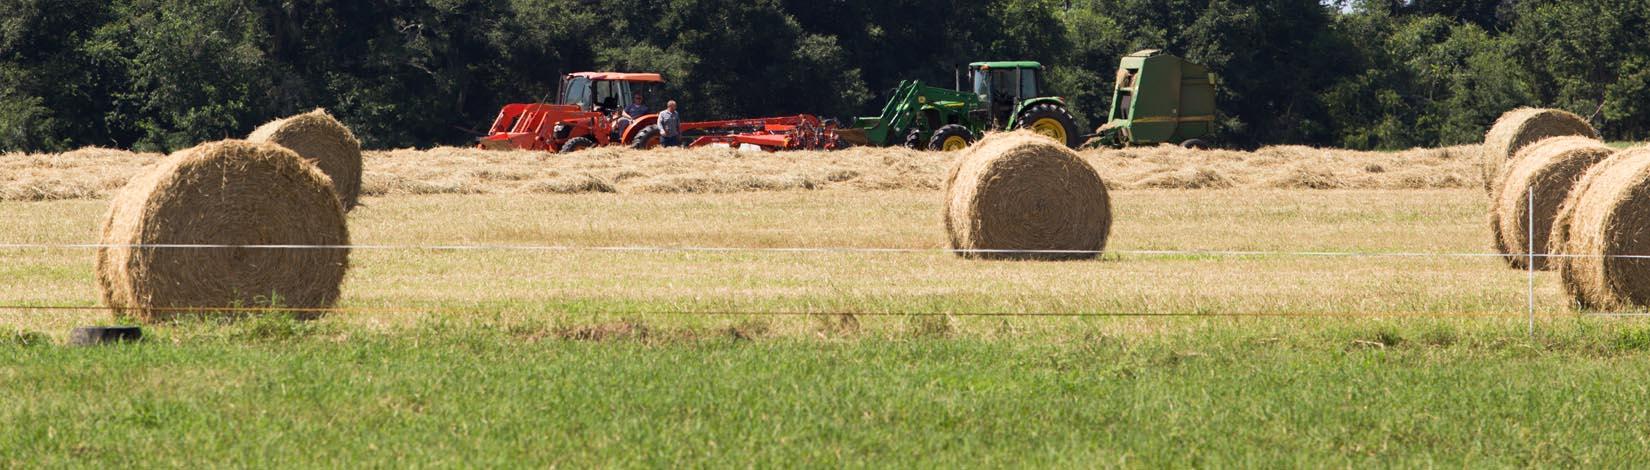 hay rolls in field